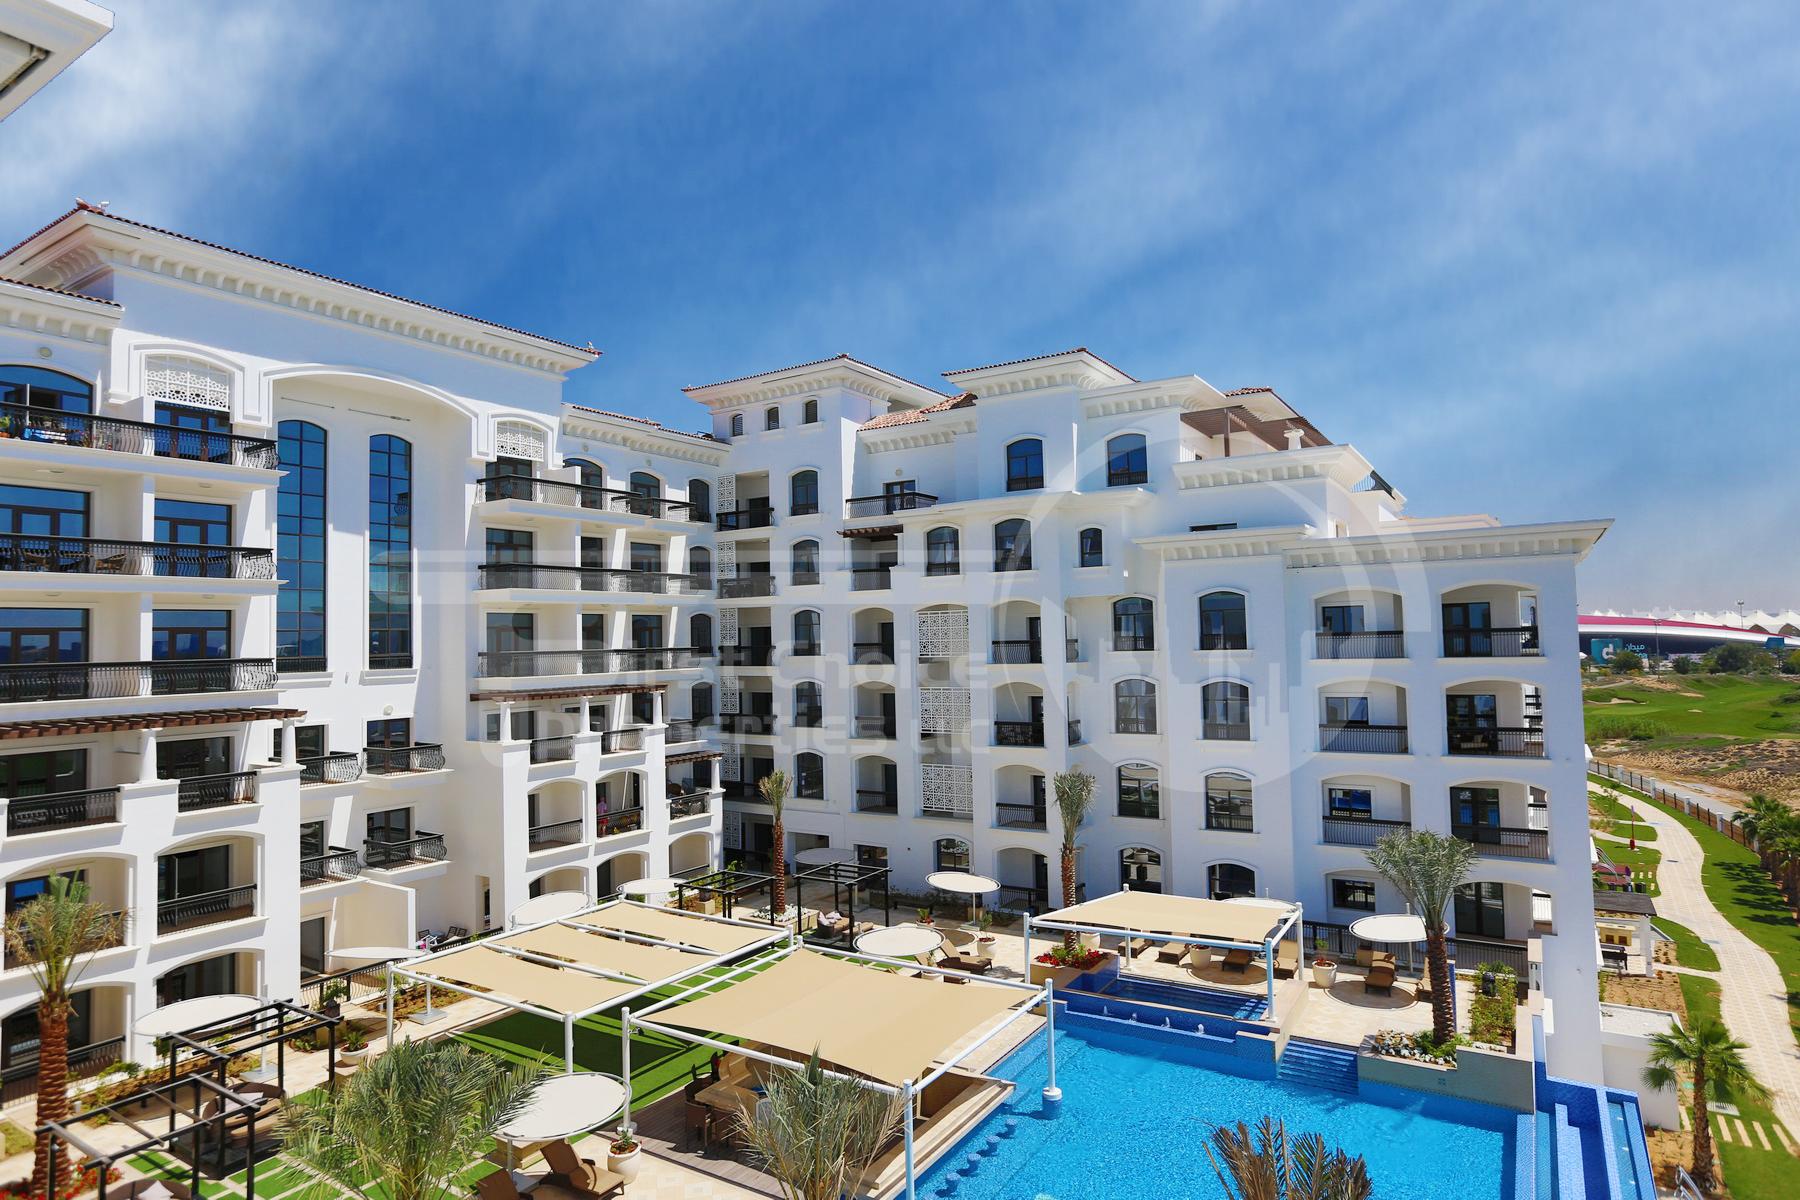 Studio - 1BR - 2BR - 3BR Apartment - UAE - Abu Dhabi - Yas Island - Ansam (7).JPG